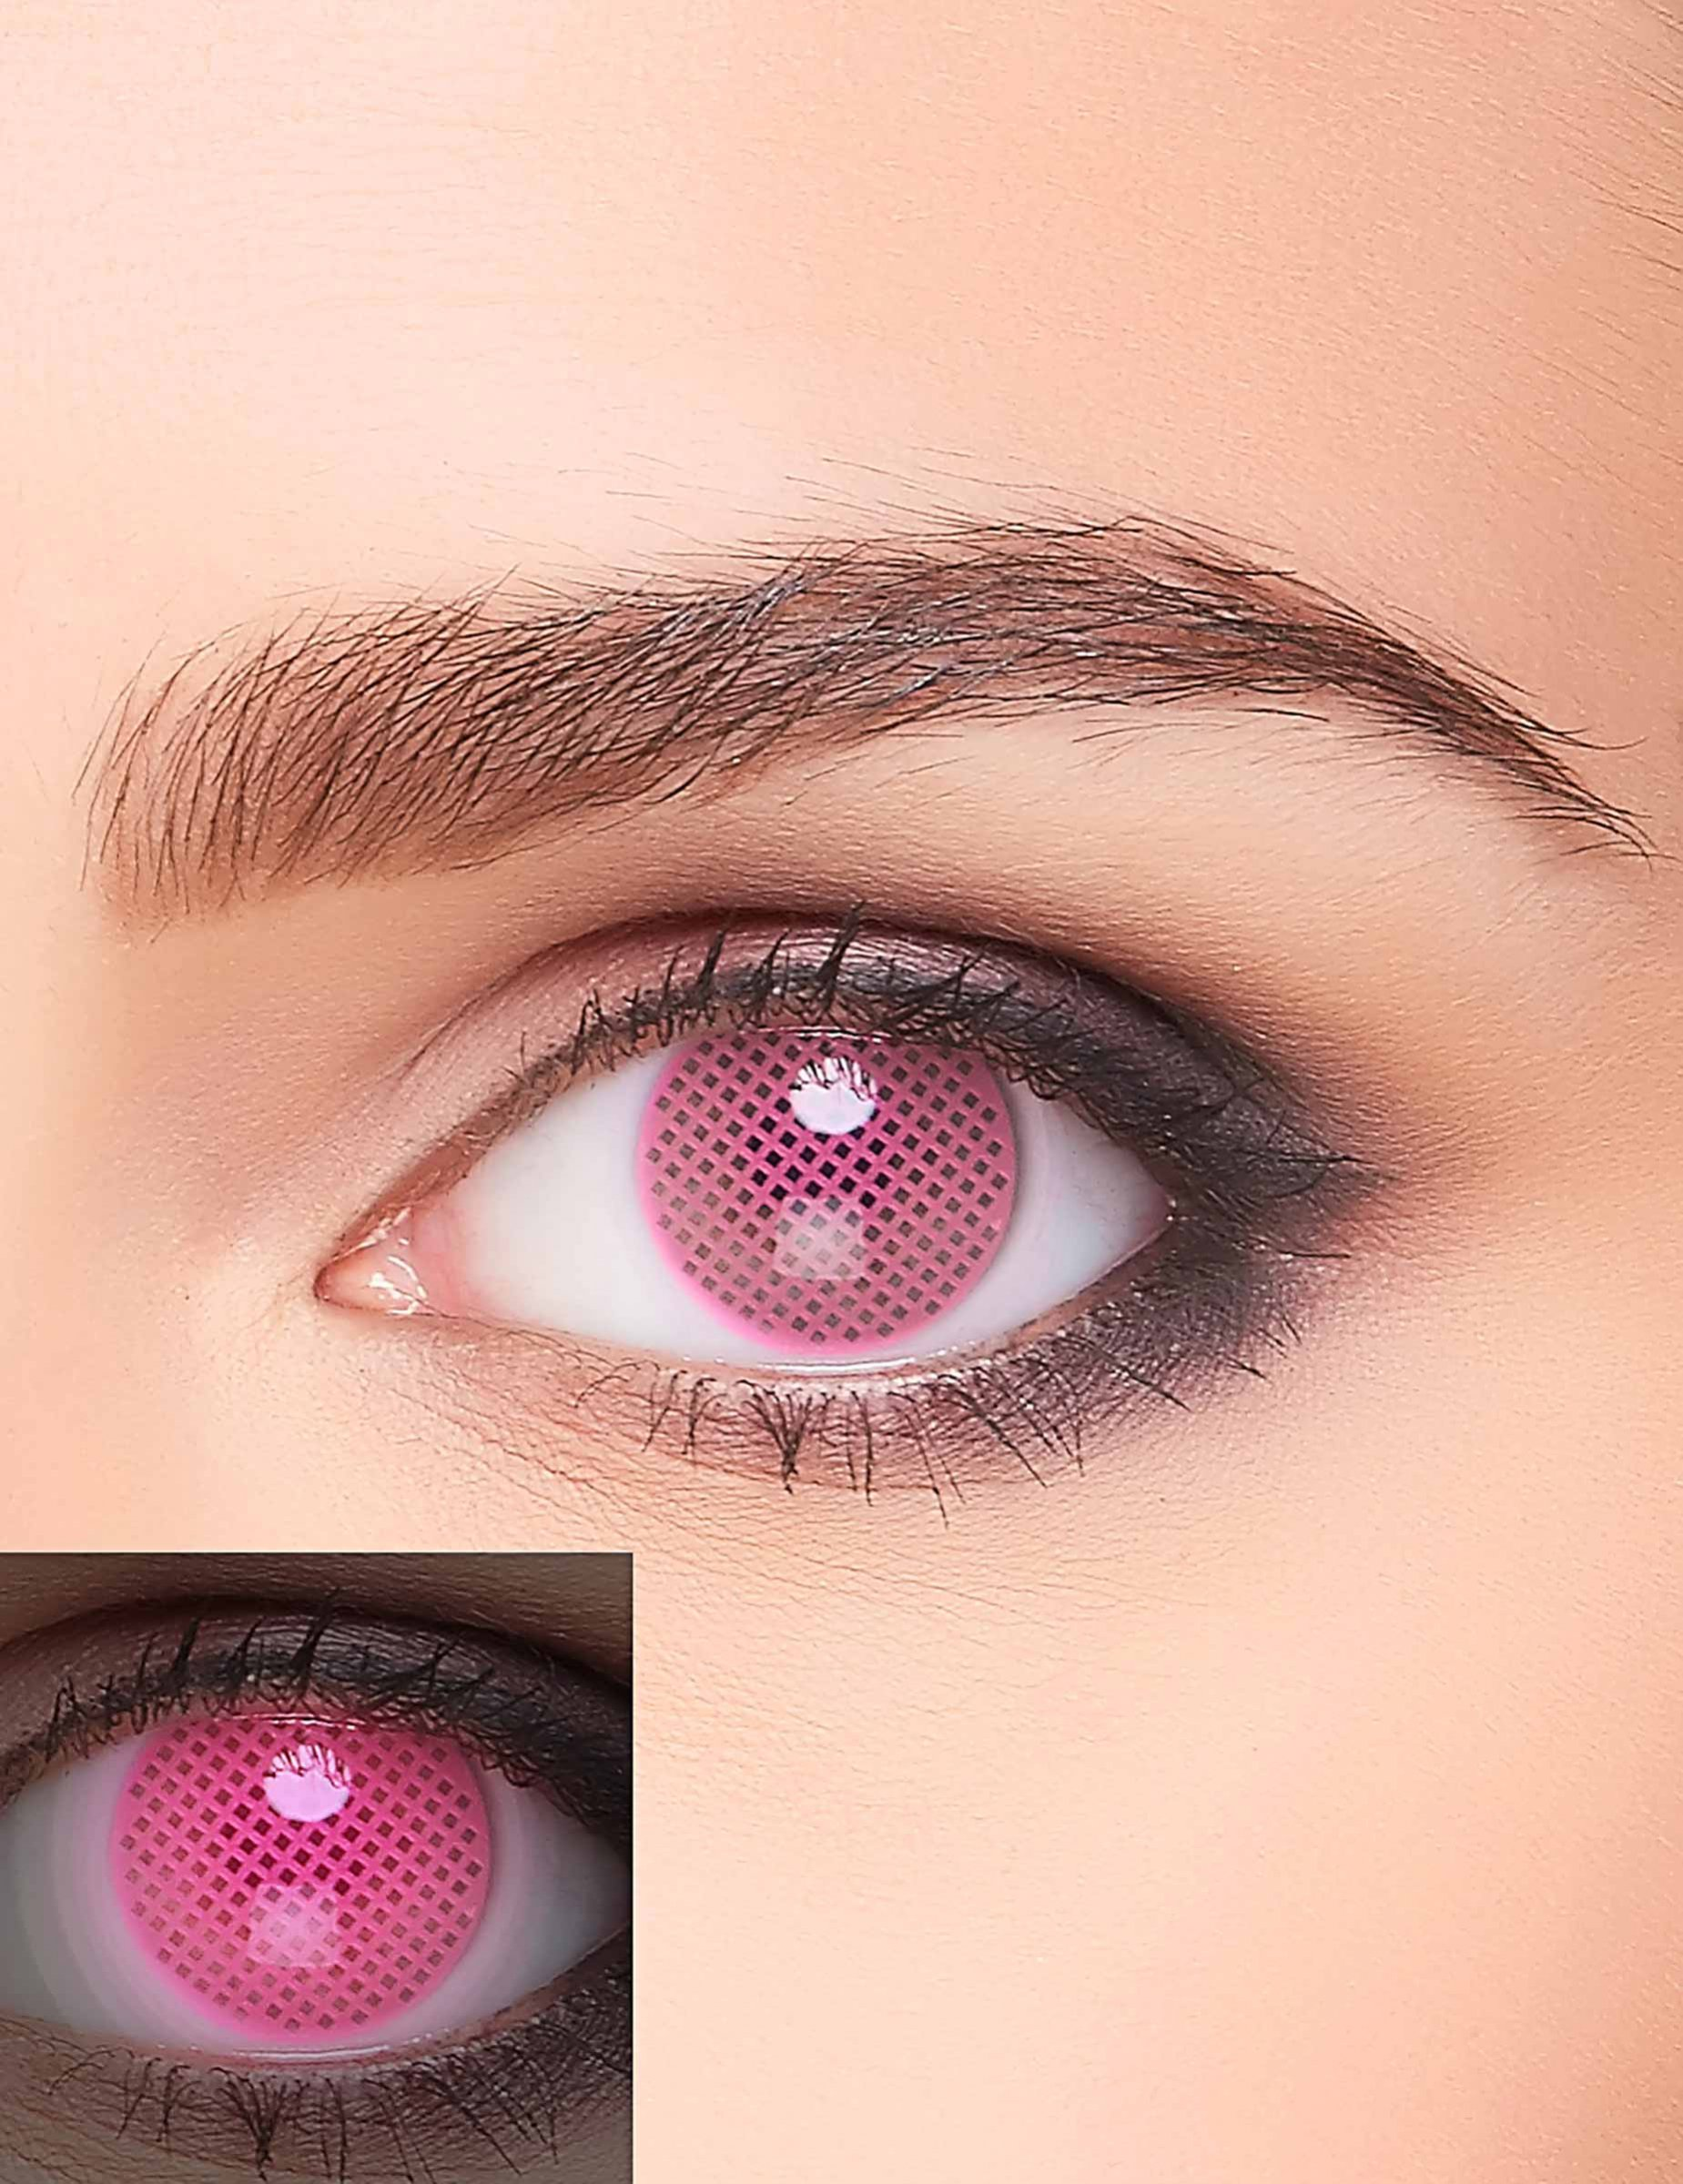 erwachsene auge in rosa